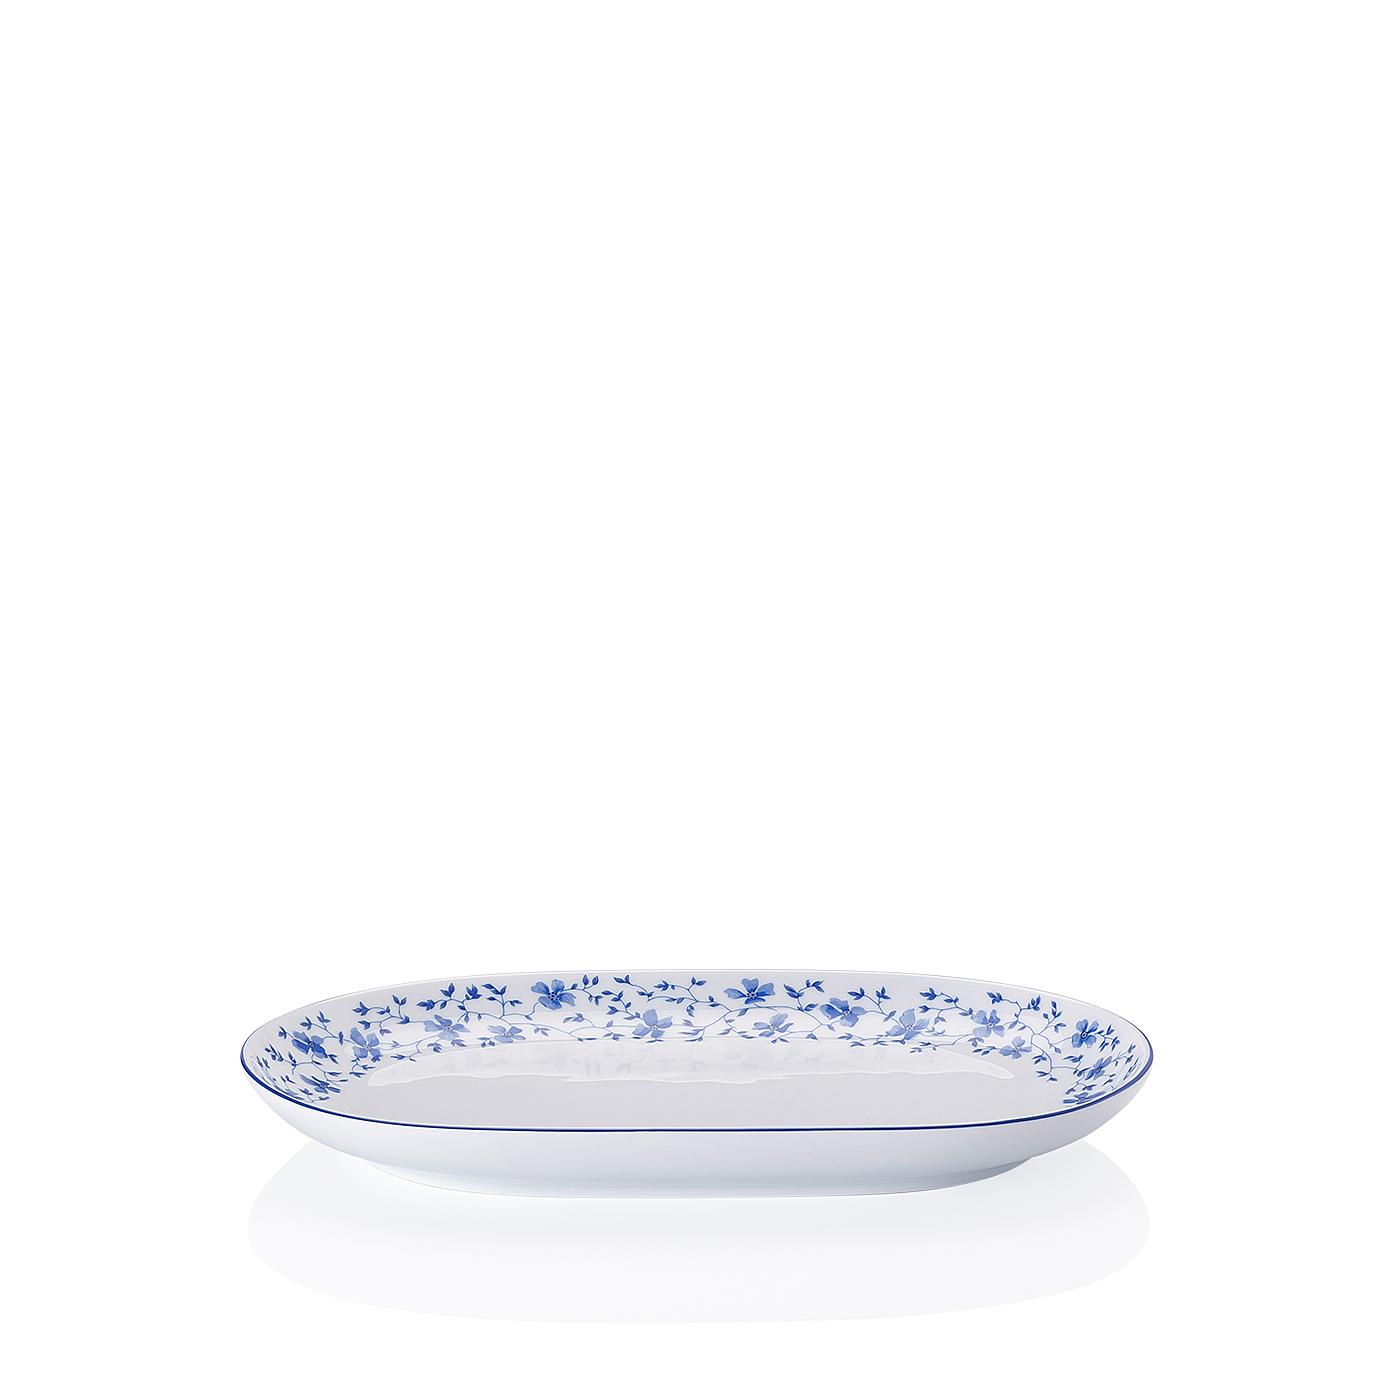 Beilagenplatte Form 1382 Blaublüten Arzberg